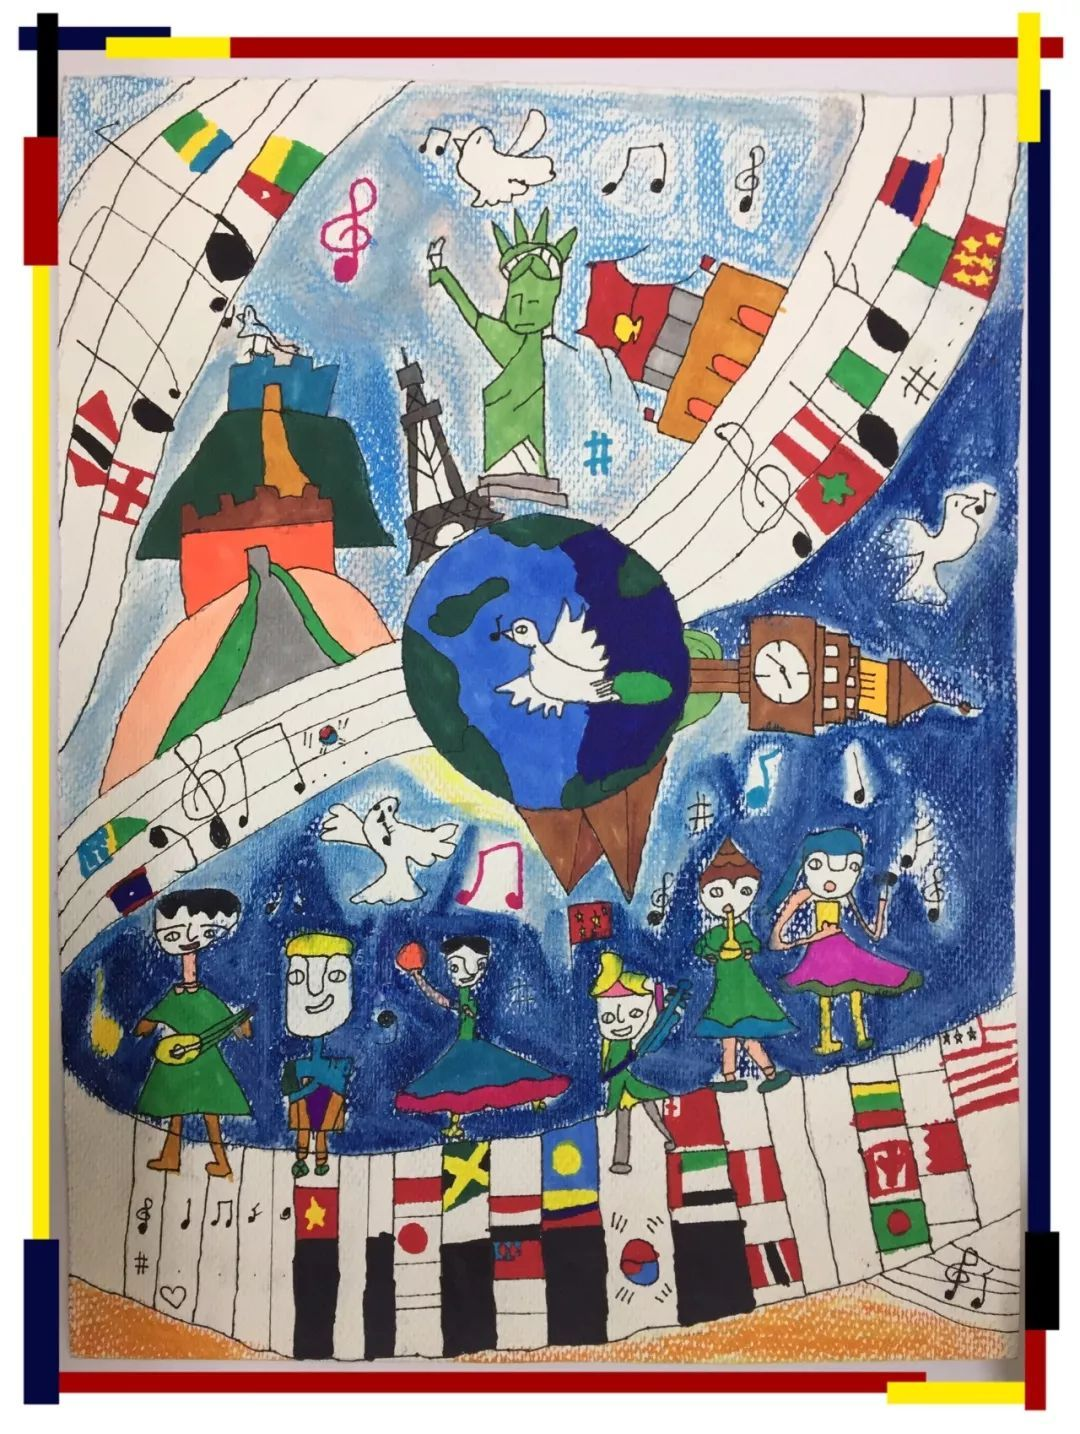 和平的未来 荣耀中国梦想 西安经开第一学校 西安经发学校 世界和平海报绘画优秀作品展